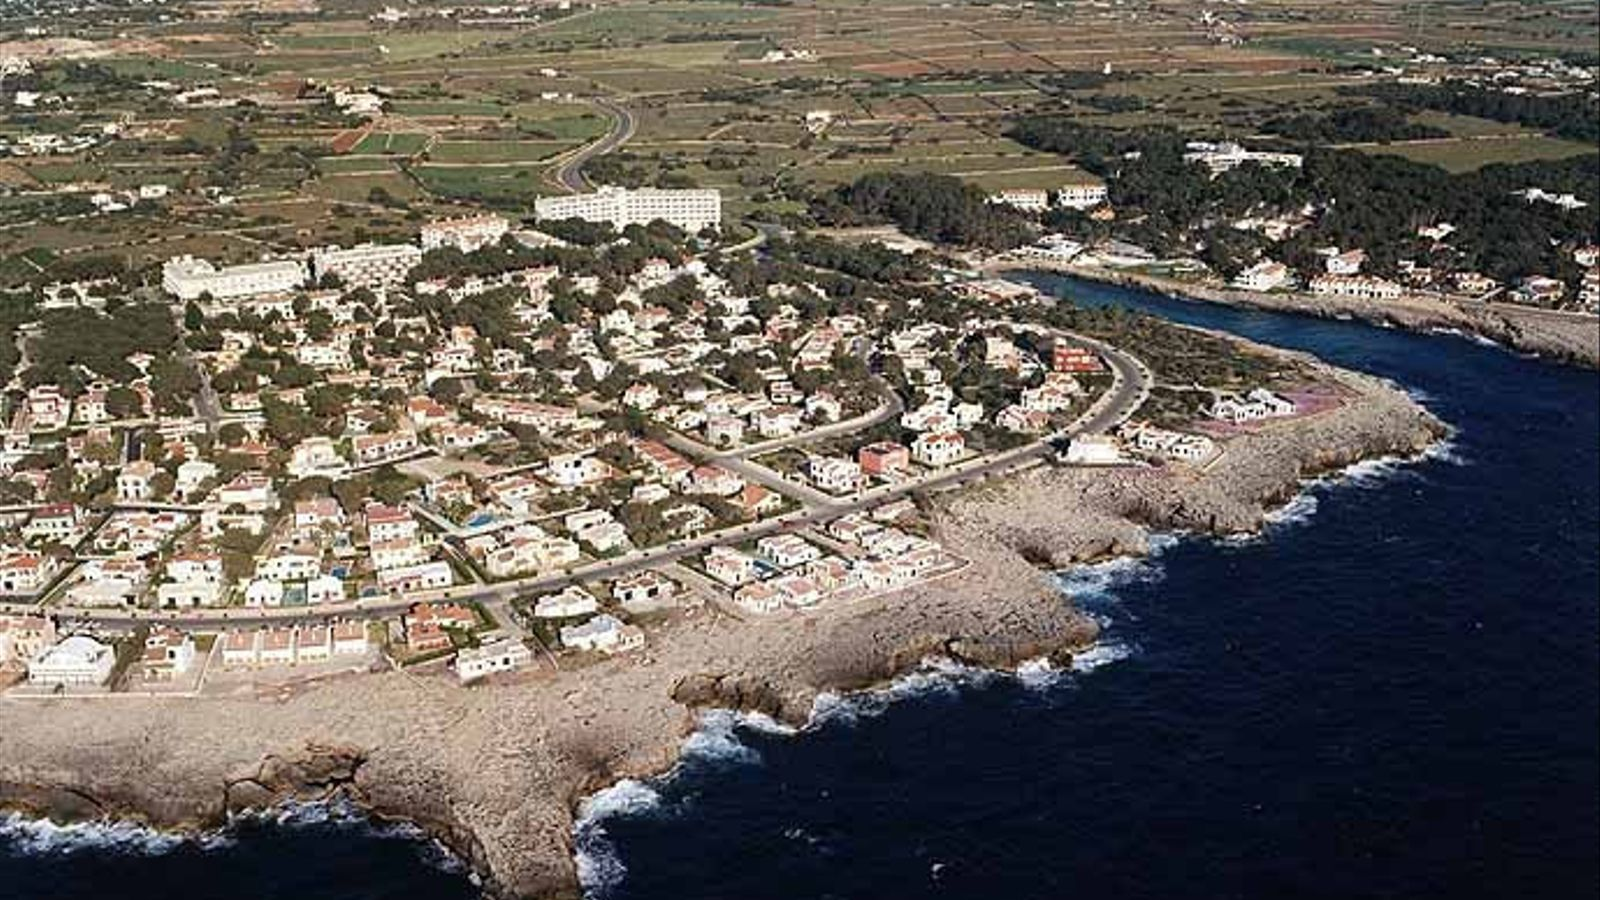 Foto aèria de Cala Blanca, a Menorca, on habitatges i vials estan construïts sobre cinc coves.